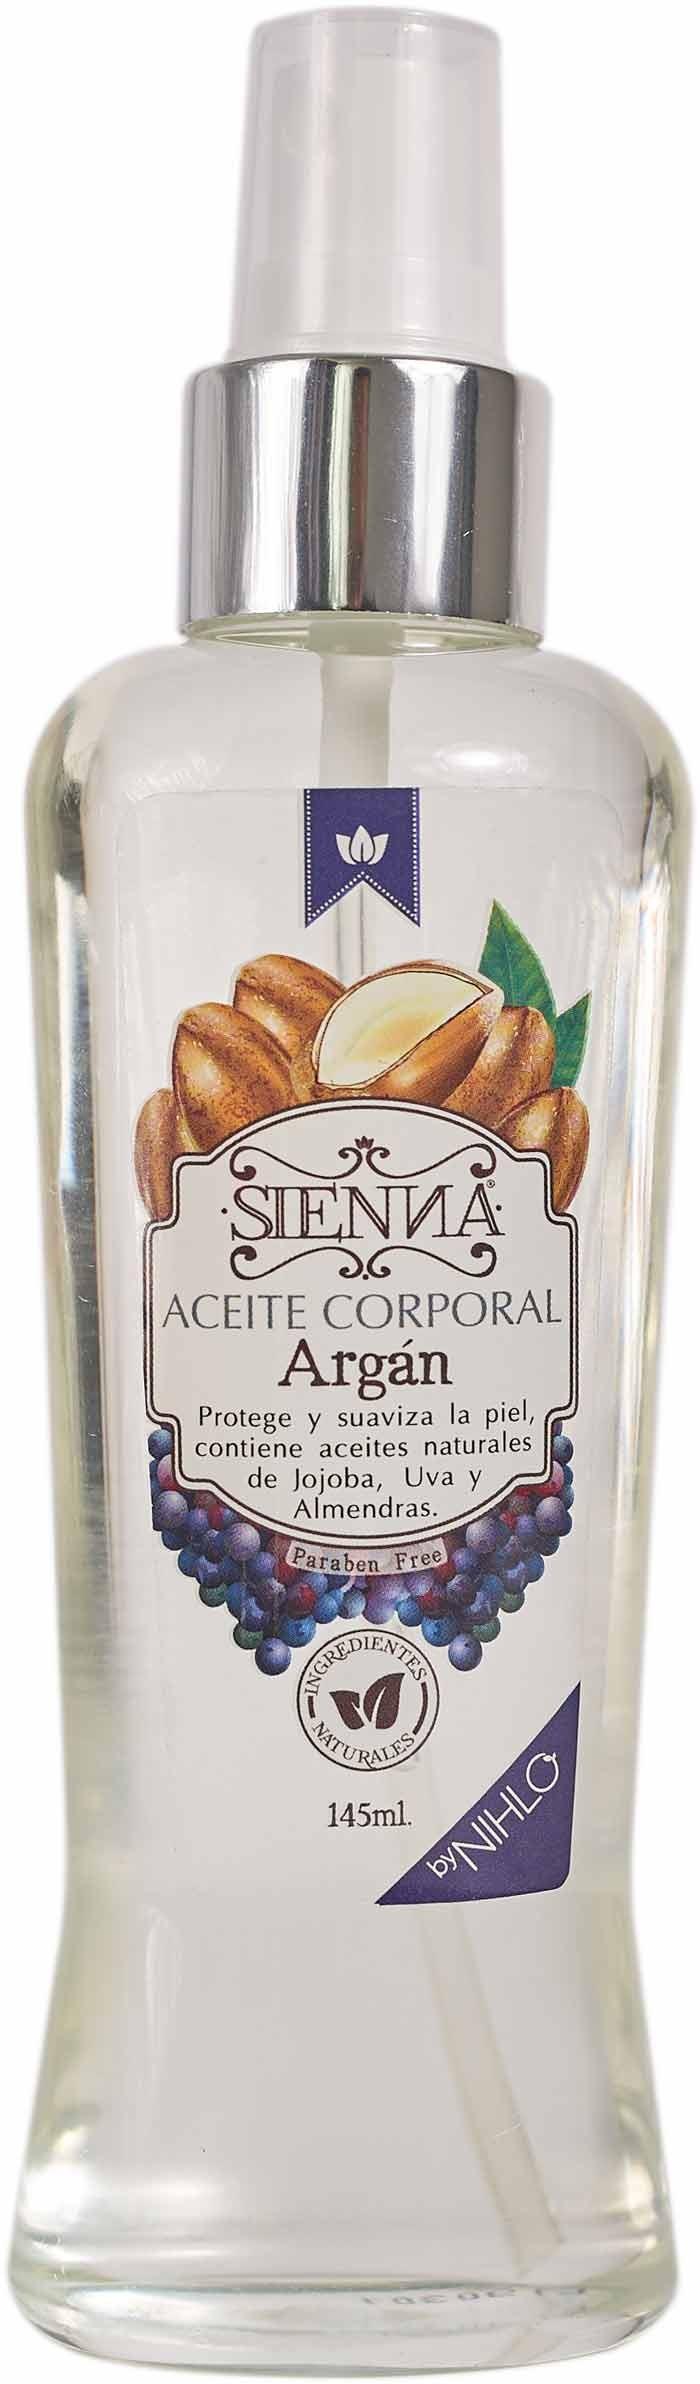 Aceite Corporal ARGAN Sienna x 140